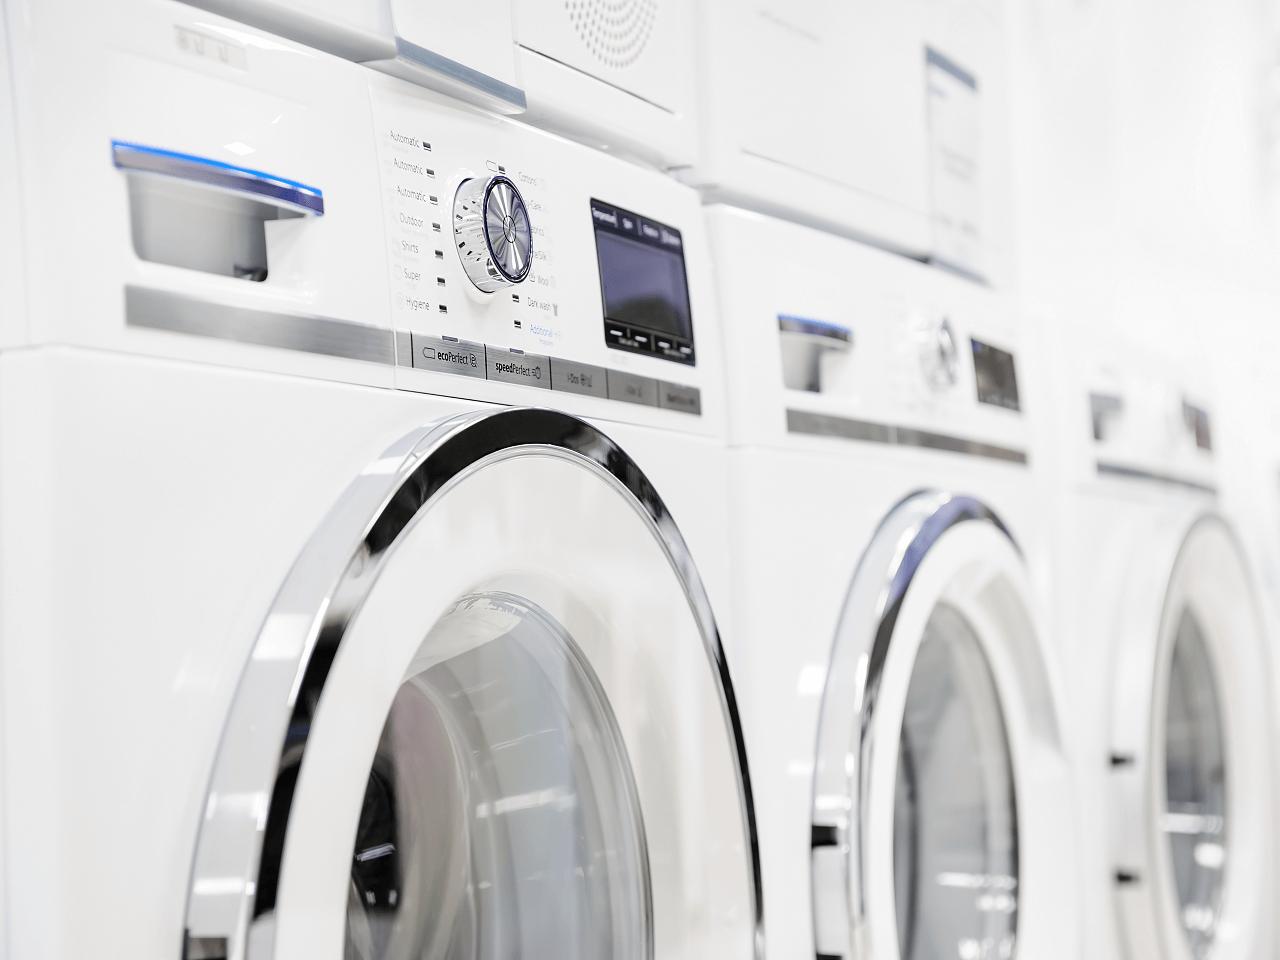 ABD, Çamaşır Makinelerindeki Korunma Önleminin Süresini Uzattı